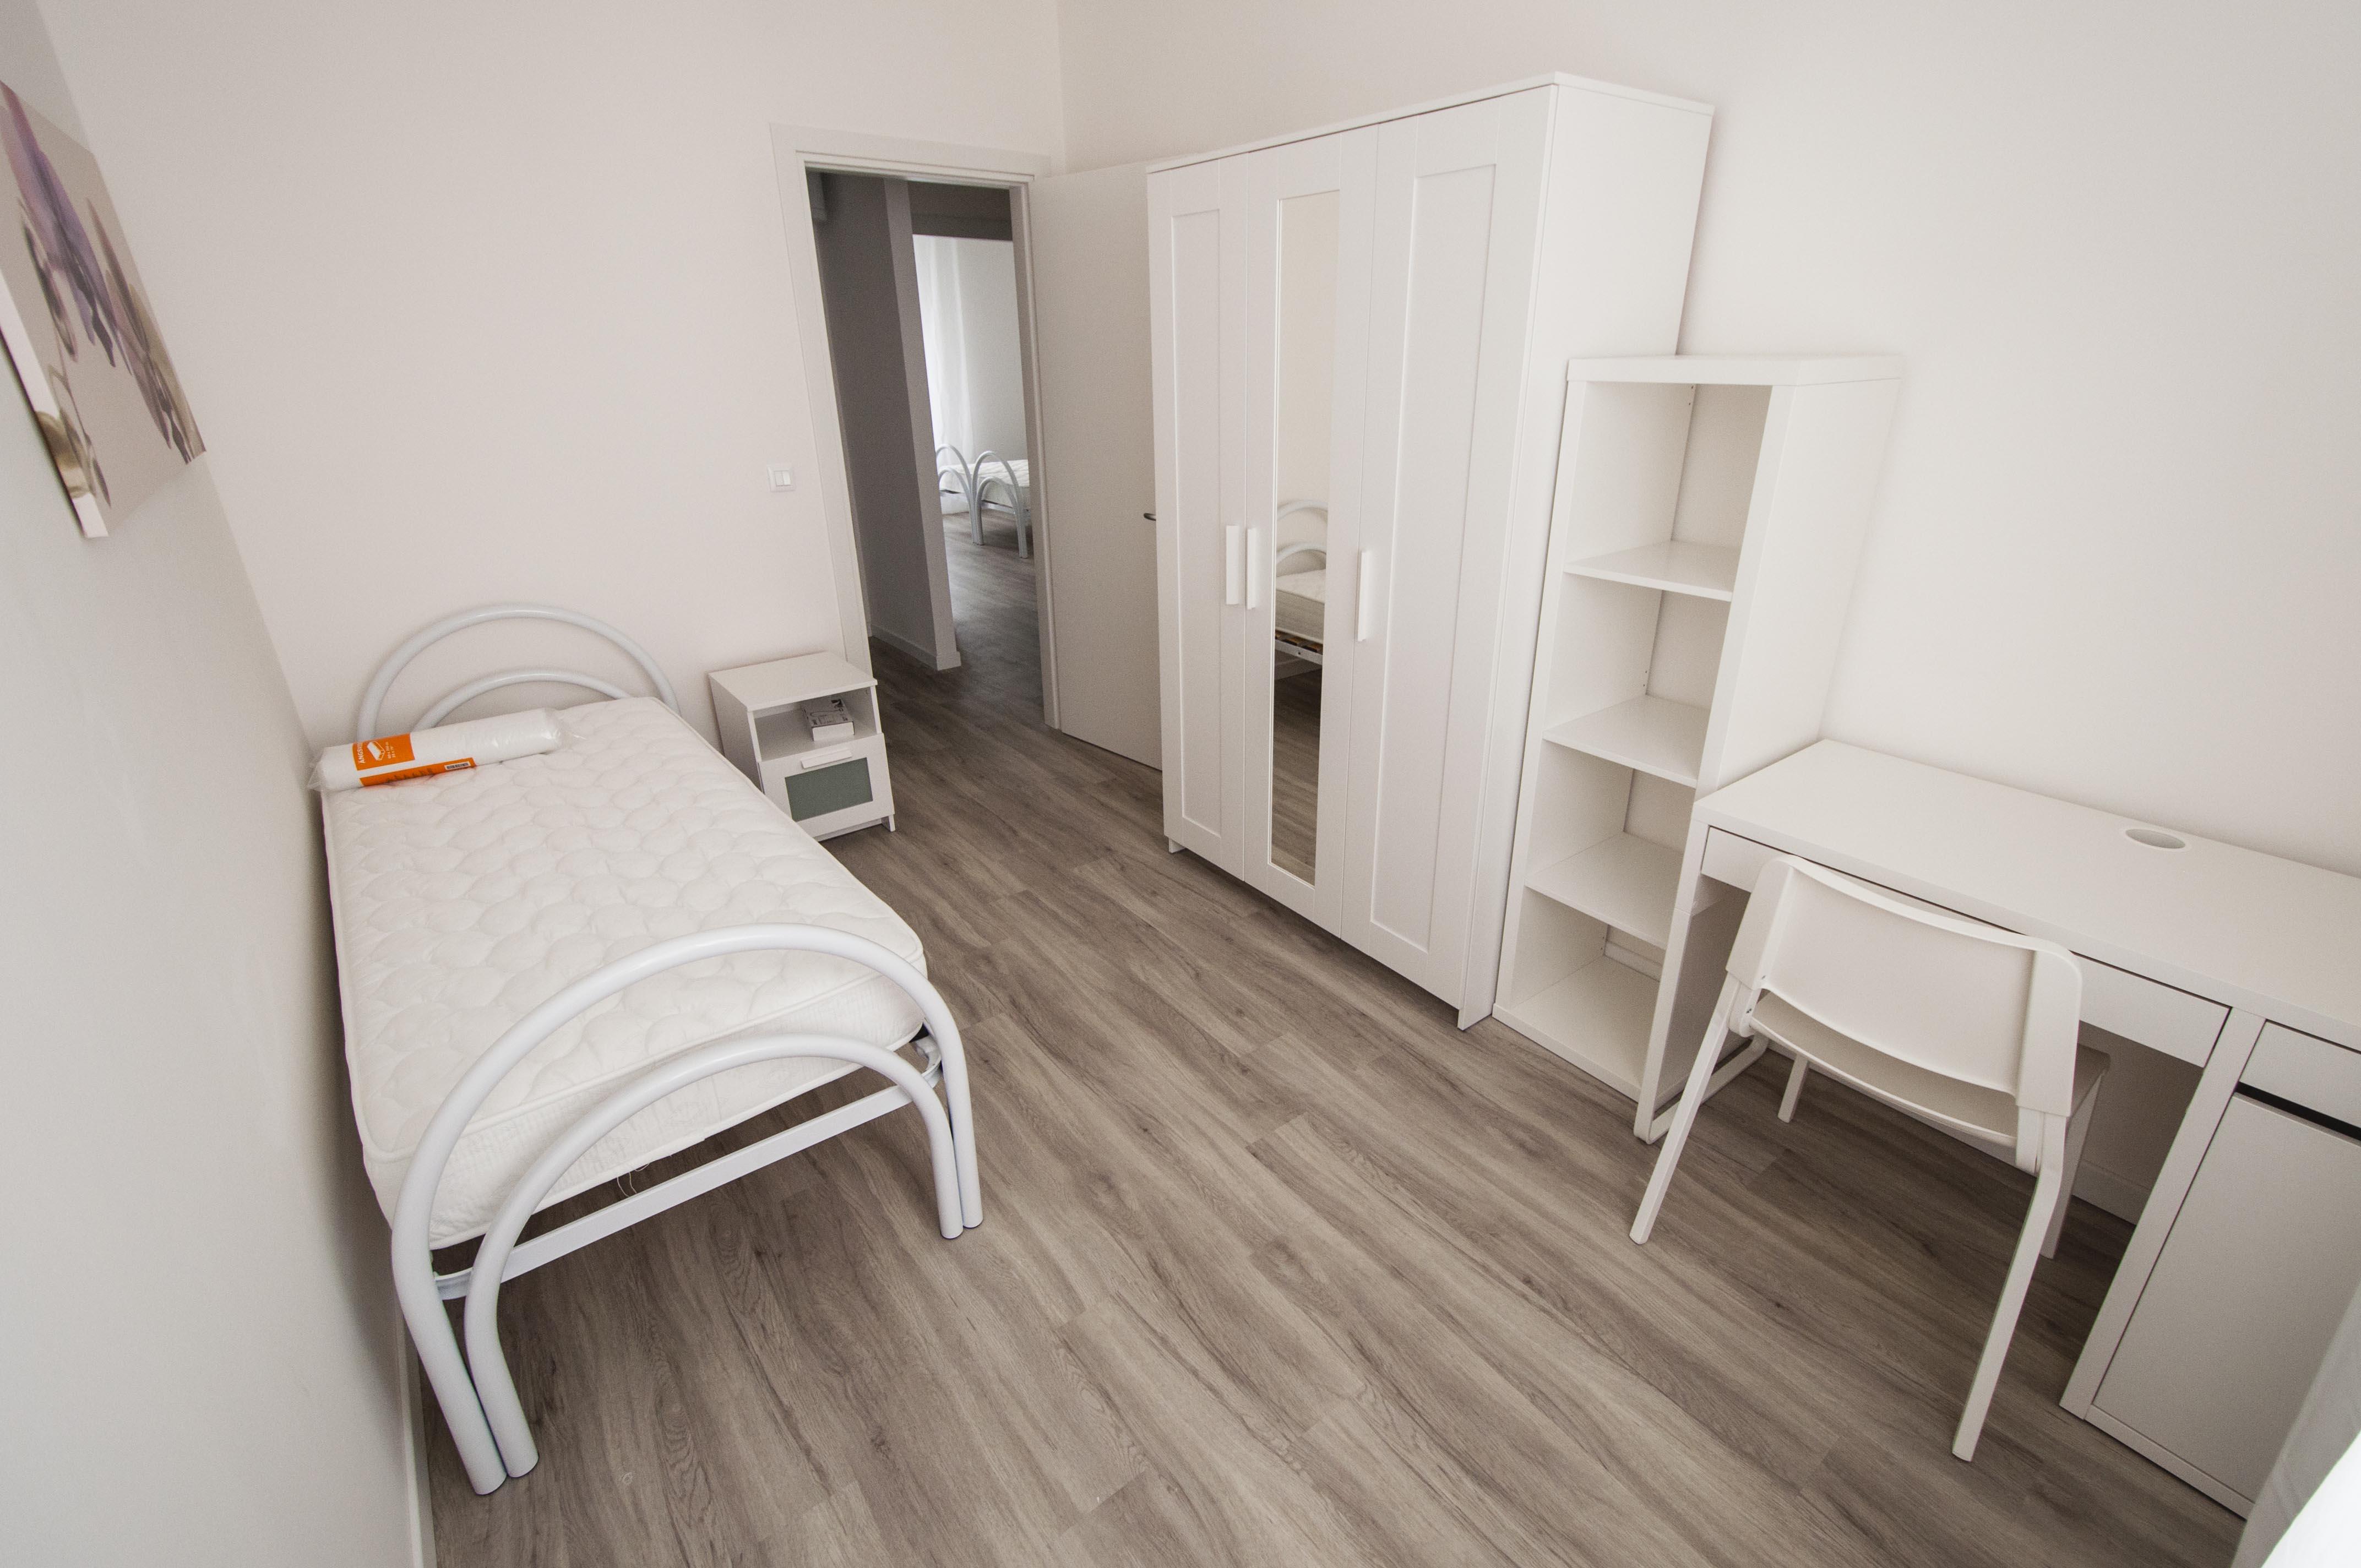 Camere in Affitto Treviso - Studio Architettura Zanatta 08